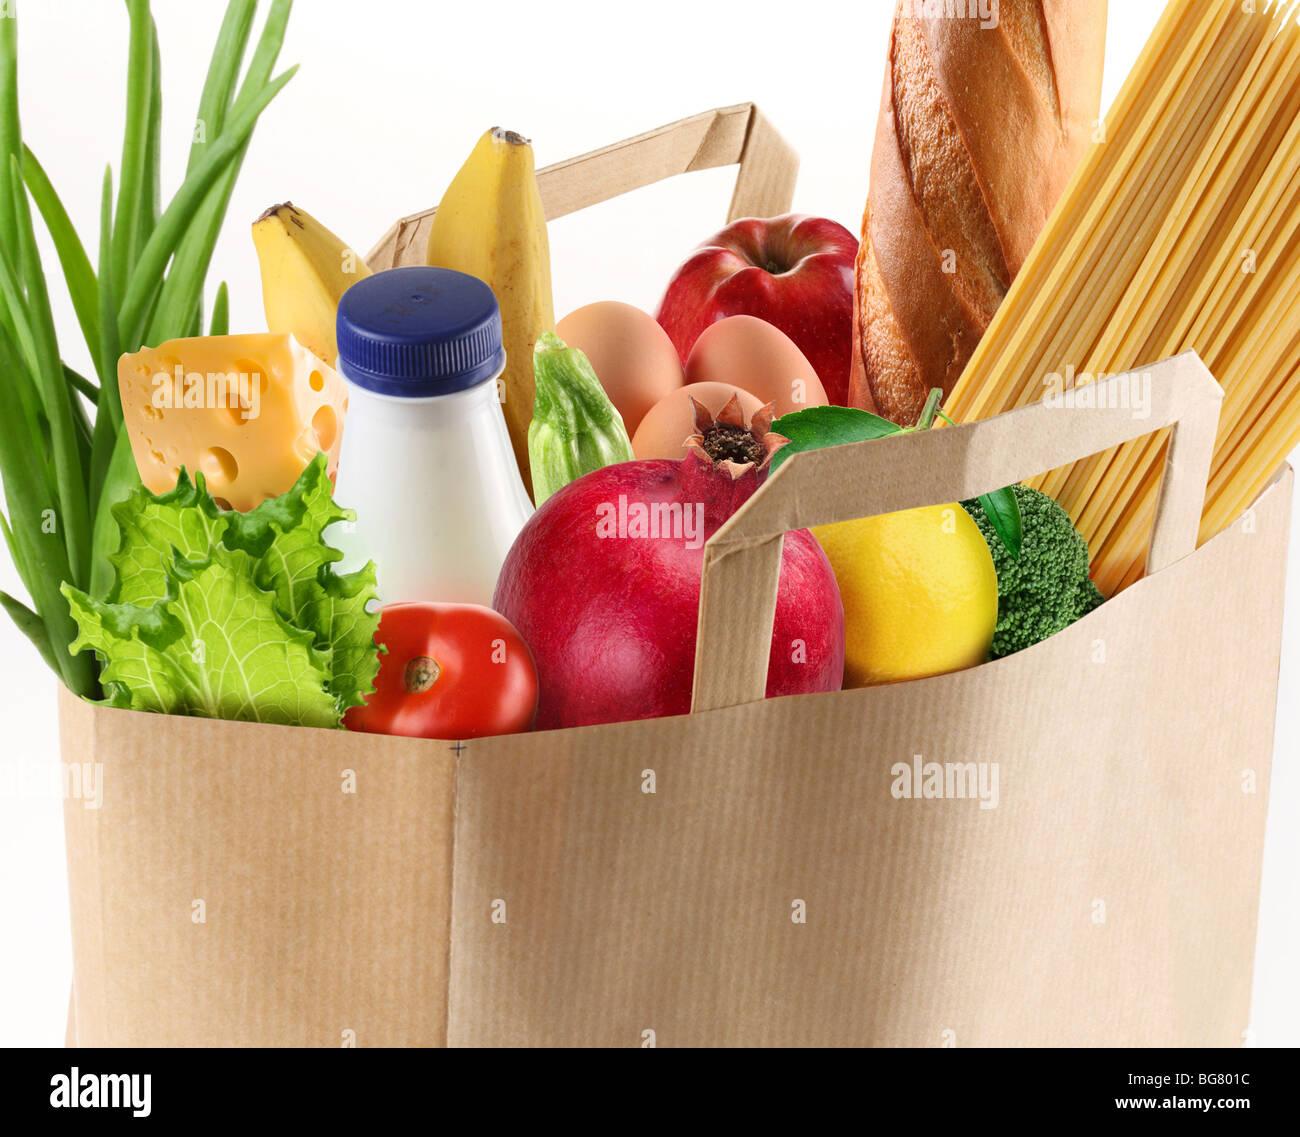 Bolsa de papel con la comida sobre un fondo blanco. Imagen De Stock